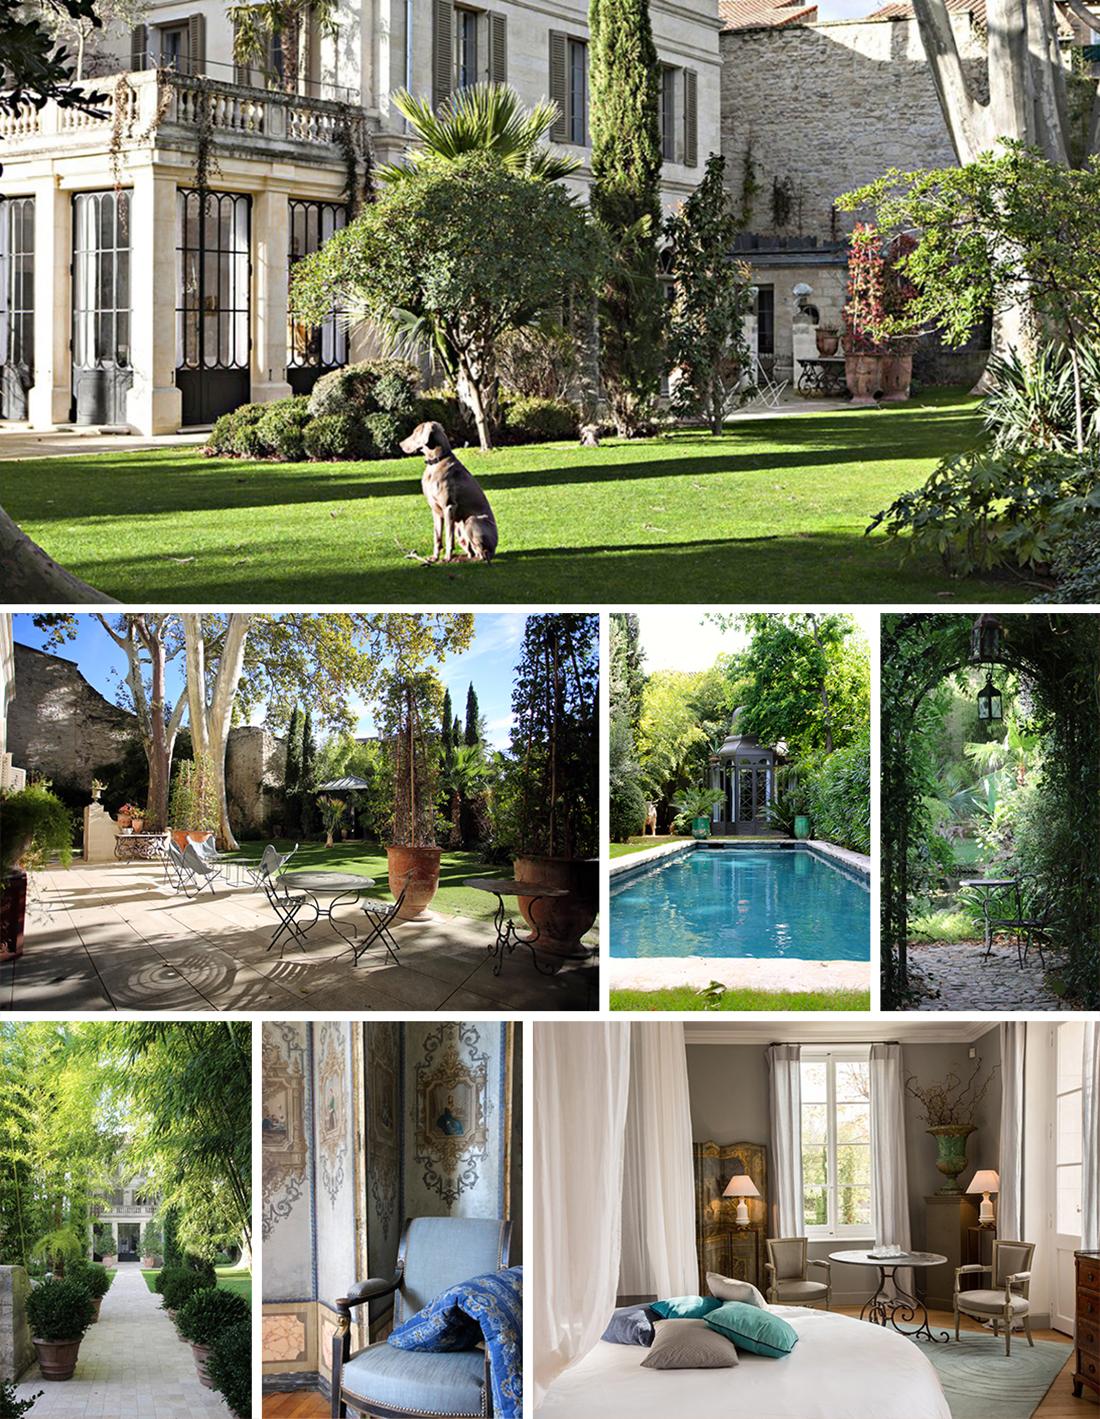 La Divine Comédie maison d'hôtes avec cinq suites Luxe jardin magique demeure Avignon Intra-Muros